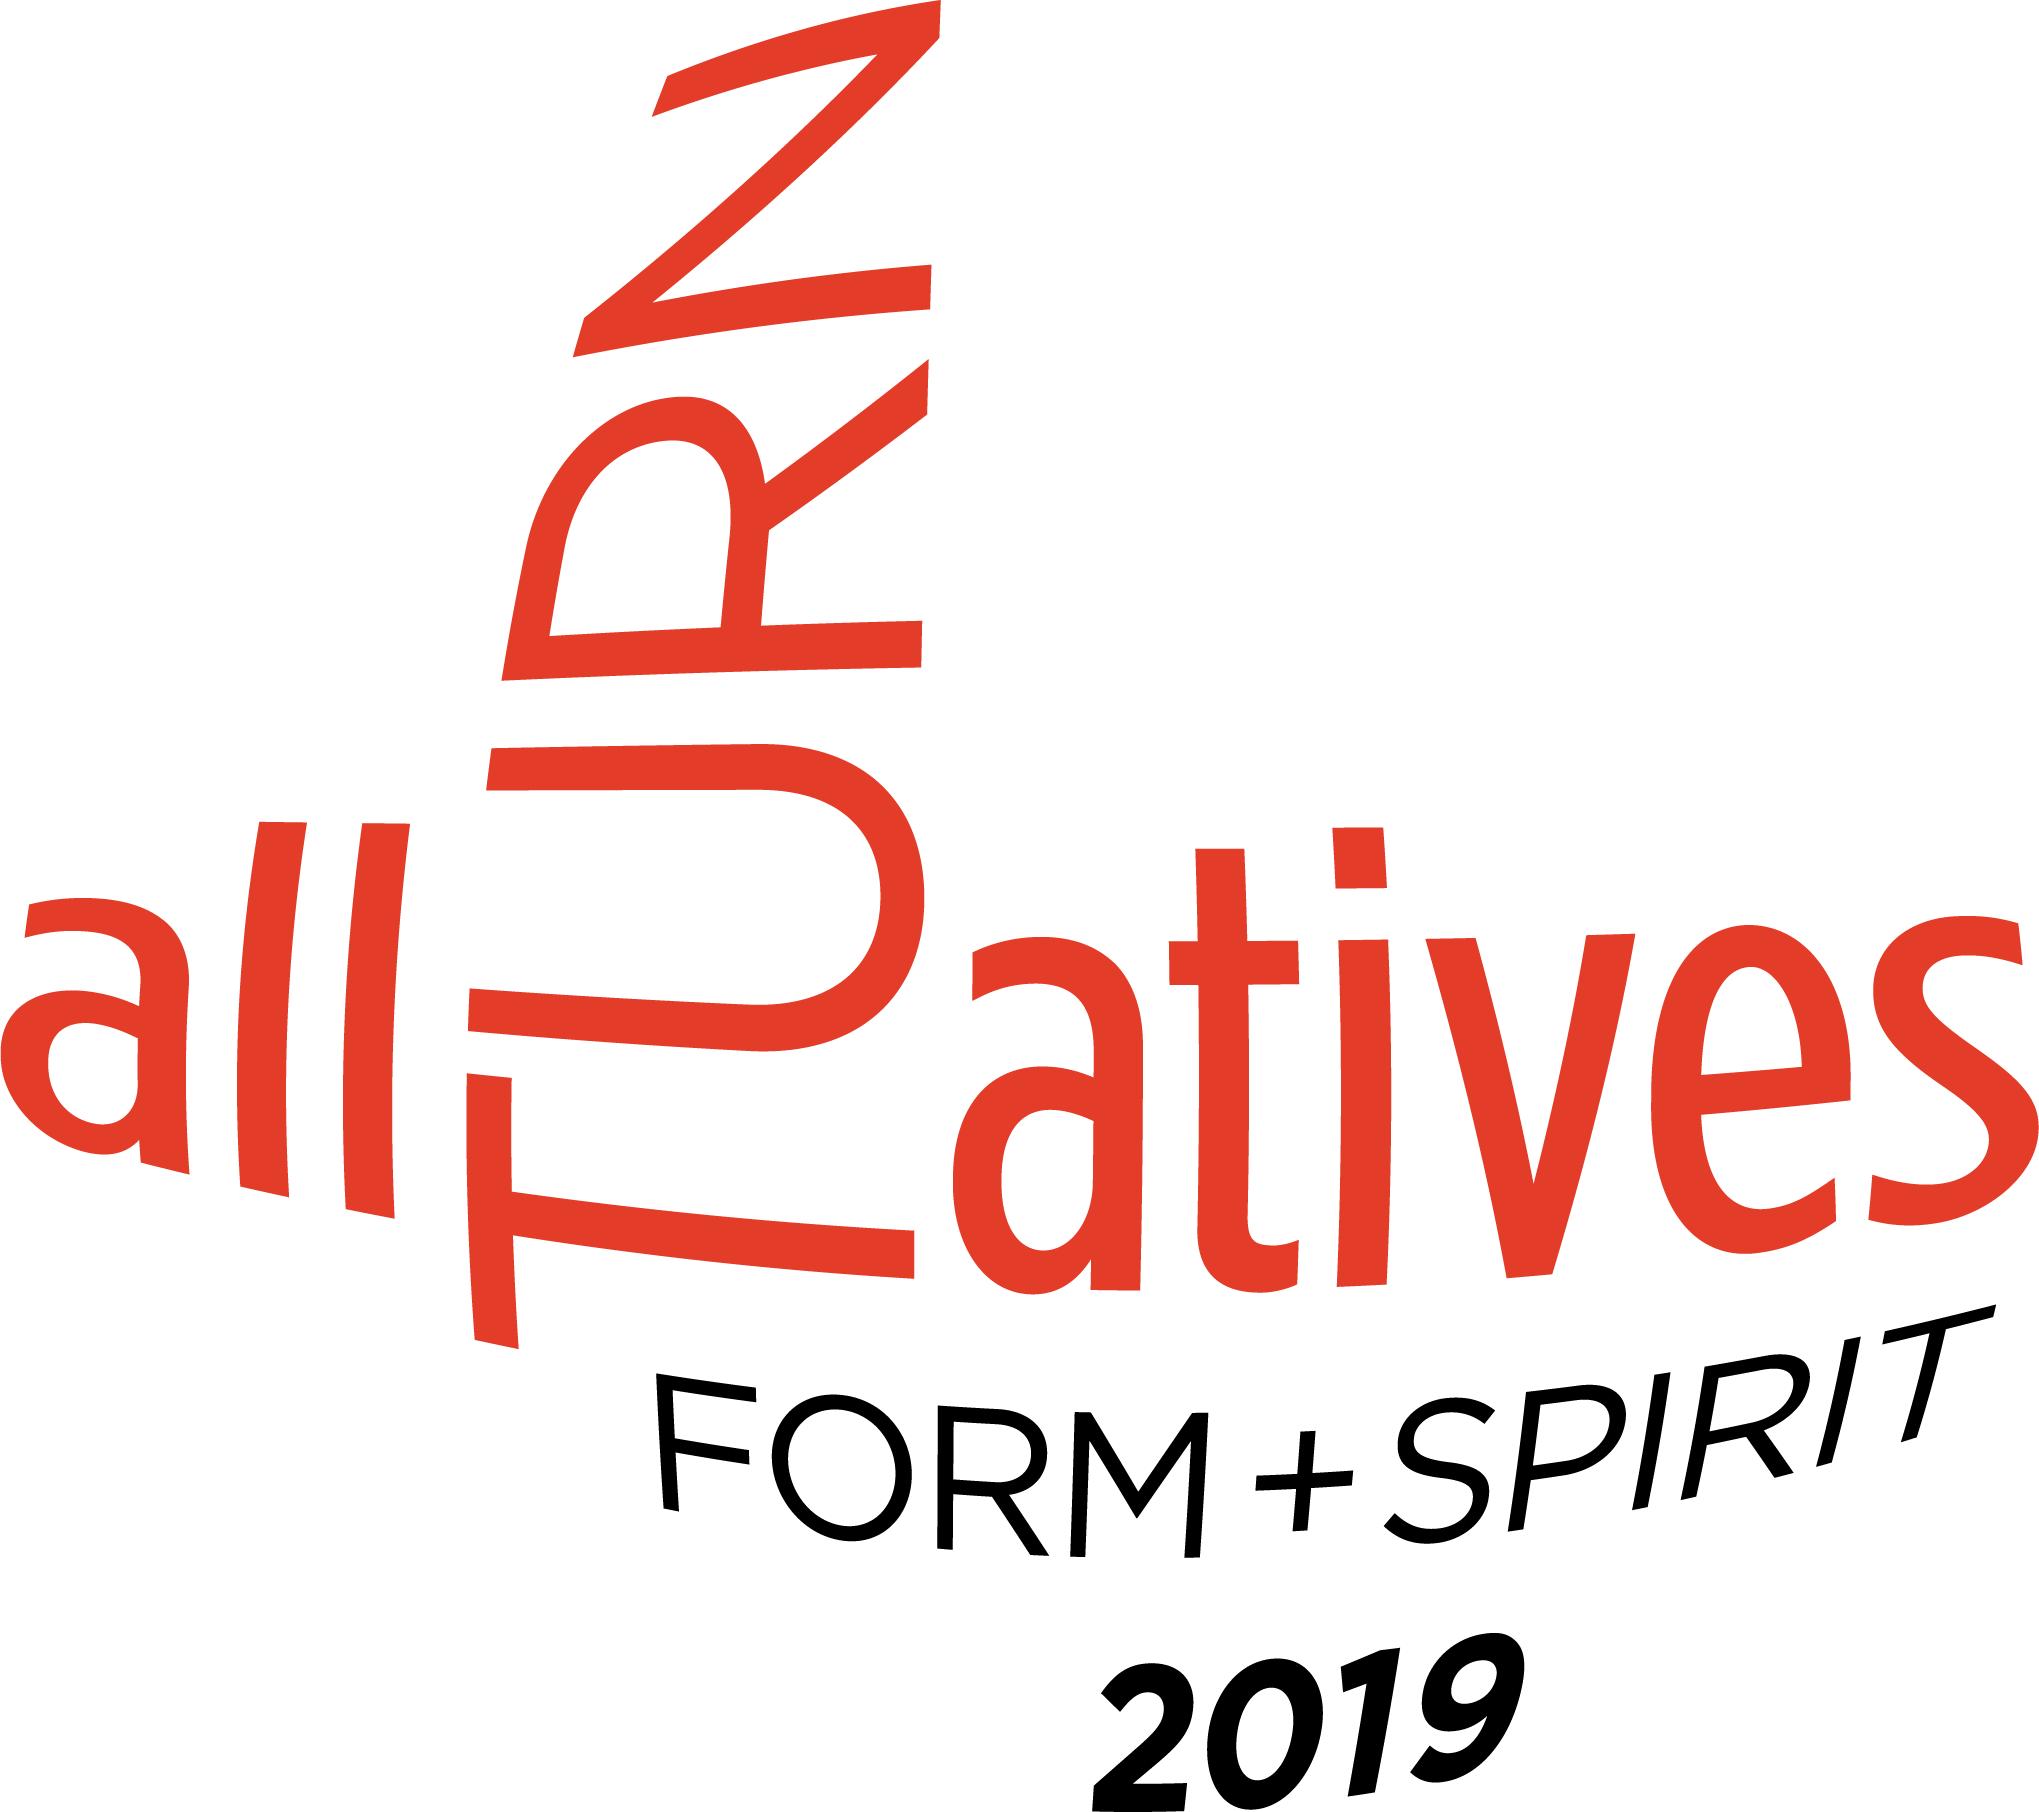 allTURNatives_2019_logo_E23D28_blk.png